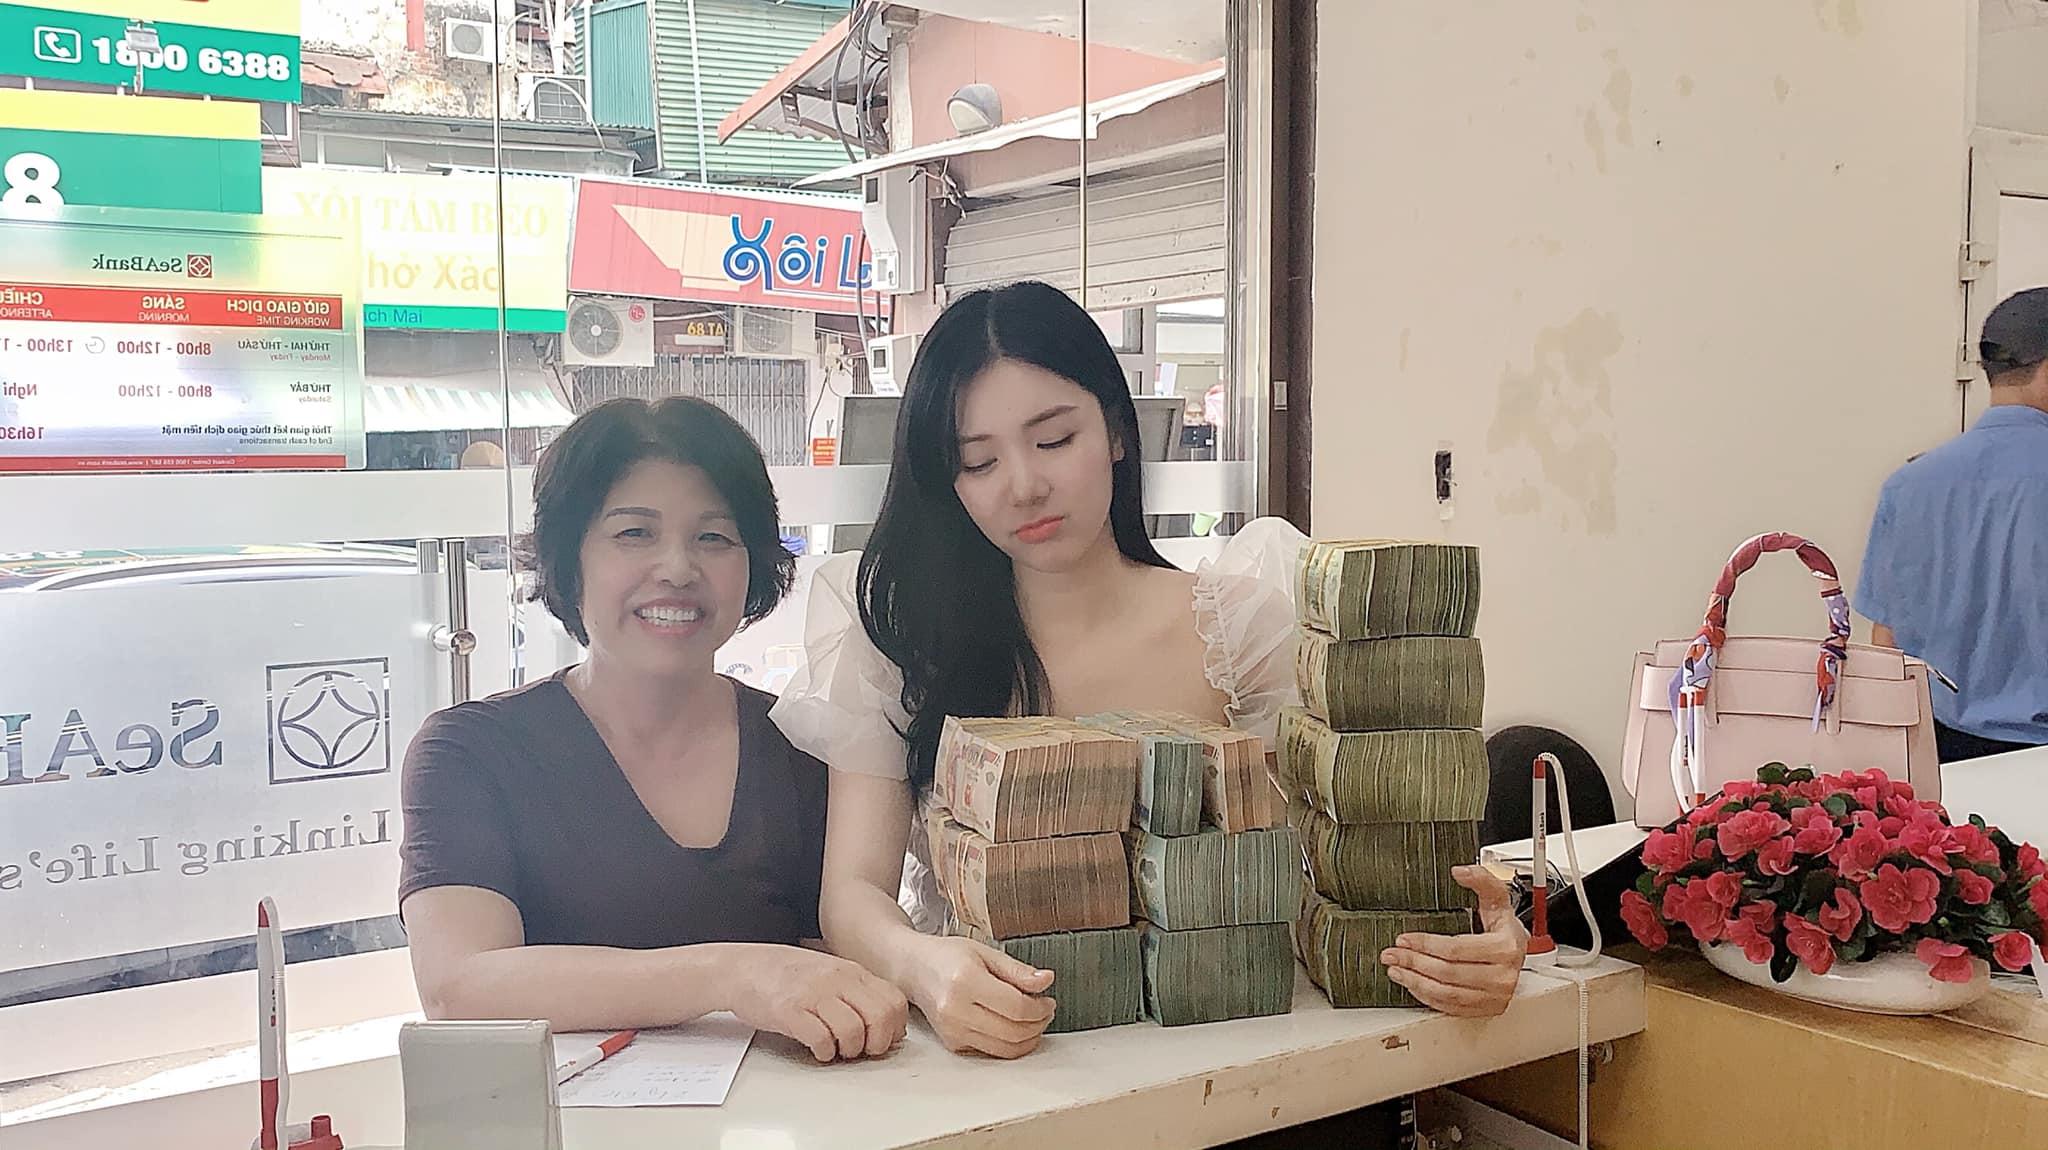 Vừa định bán nhà Quang Lê mua tặng, Thanh Bi lại khoe tậu nhà tiền tỷ - 1